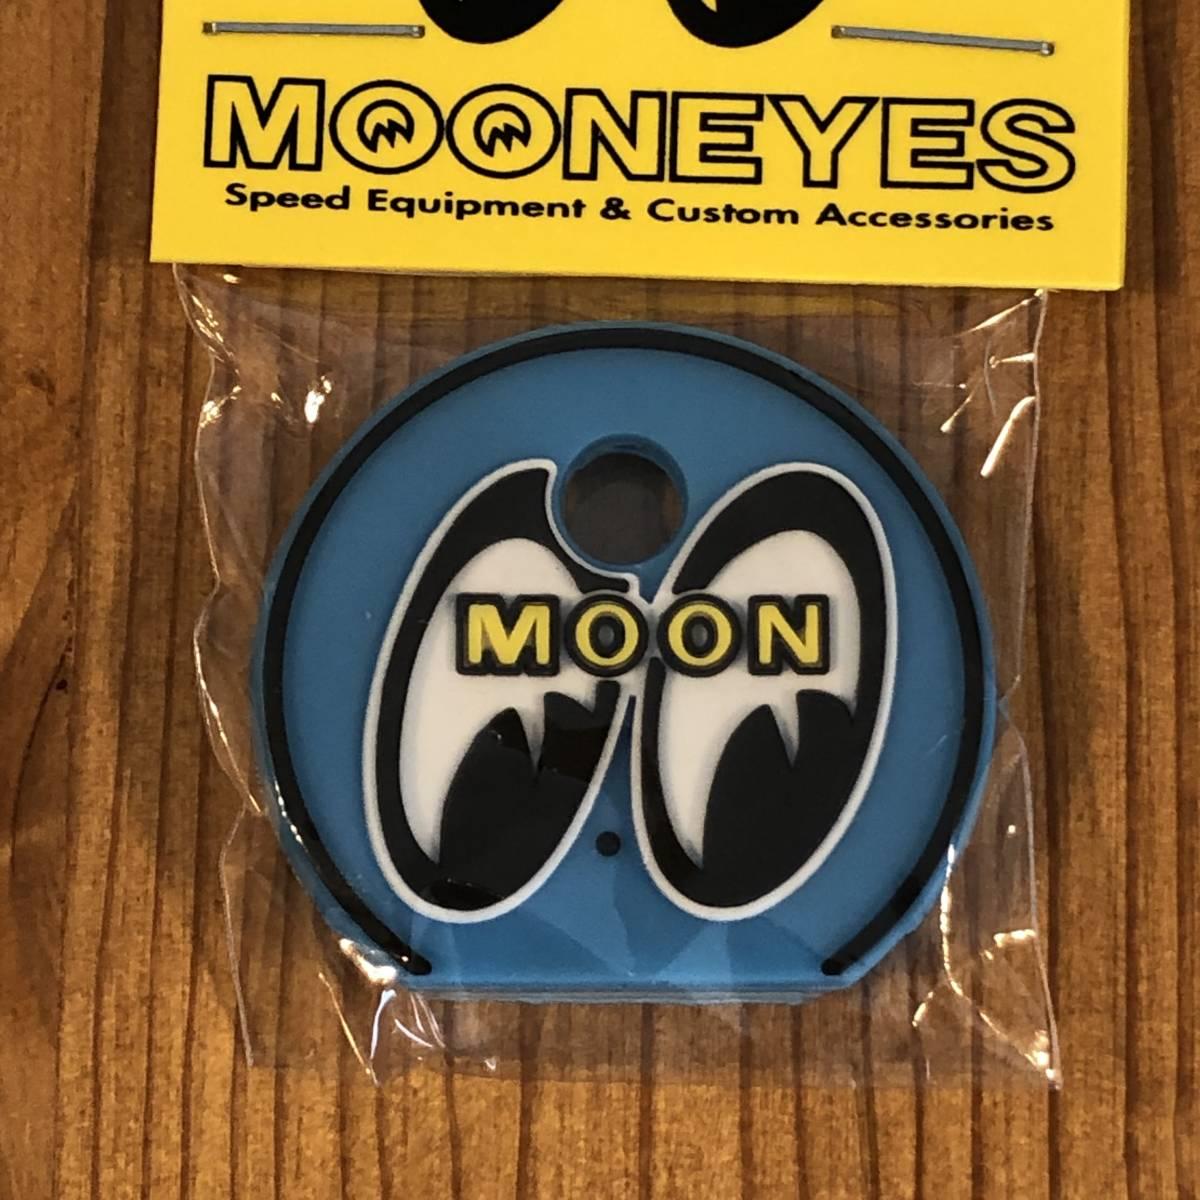 mooneyes ムーンアイズ アイボール キーキャップ ライトブルー ぺったんこ 絵柄は立体 キーホルダー moon eyes eyeball 色違いでぜひどうぞ_画像1